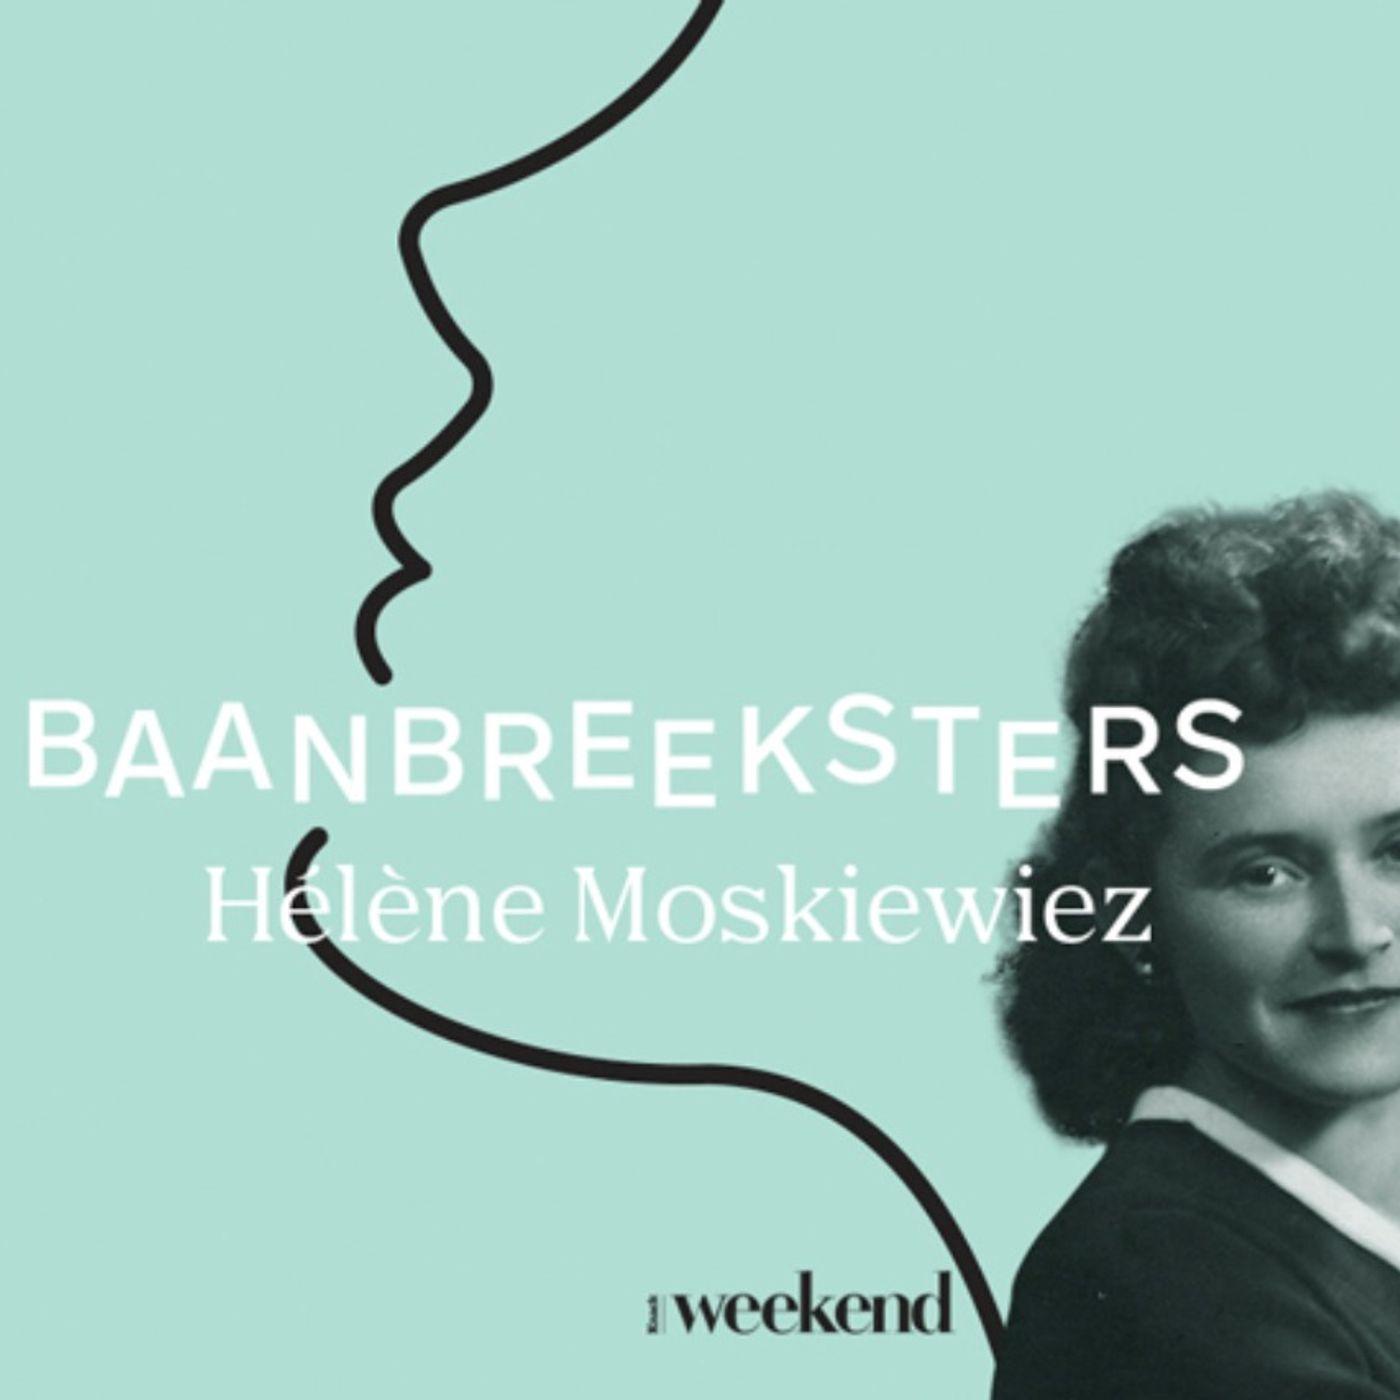 #7 Hélène Moszkiewiez: de vrouw die tijdens de Tweede Wereldoorlog heel wat levens wist te redden